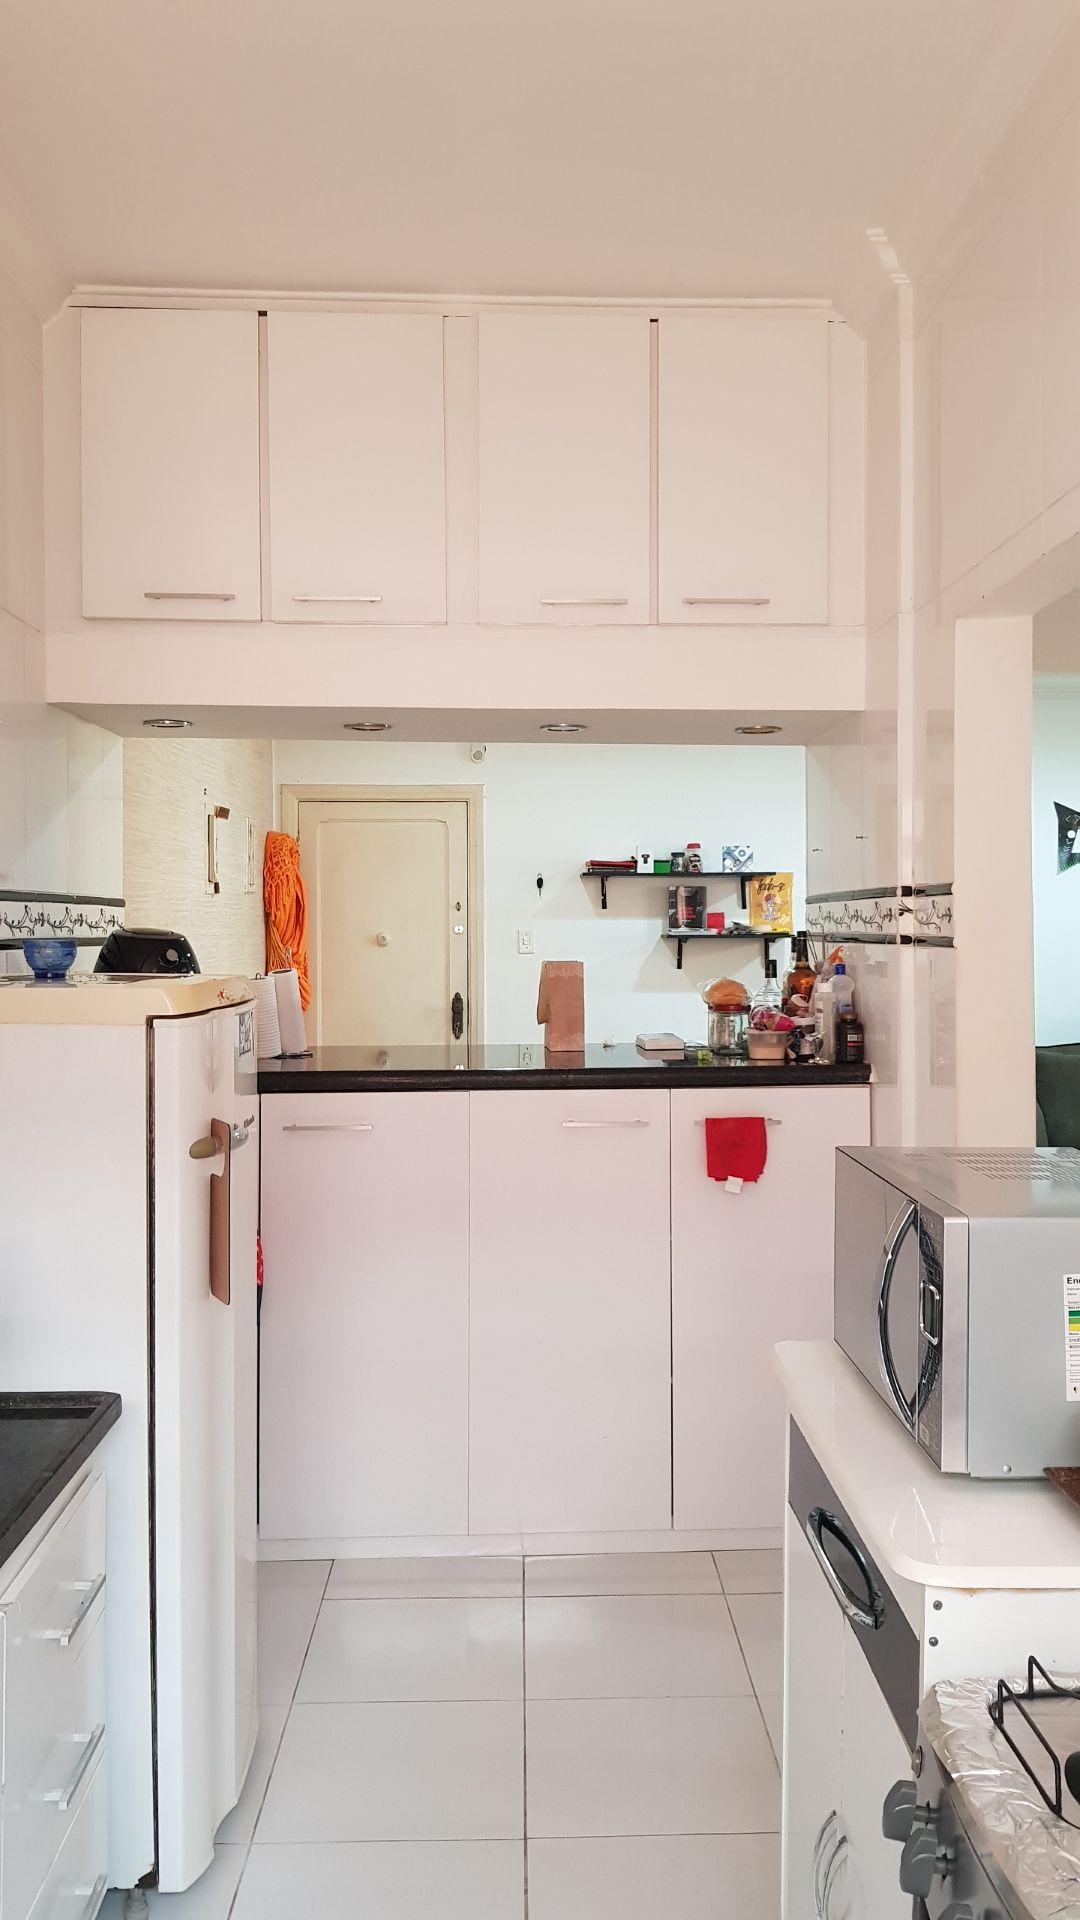 apartamento a venda no Gonzaga em santos térreo de 1 dormitório e garagem. - foto 5